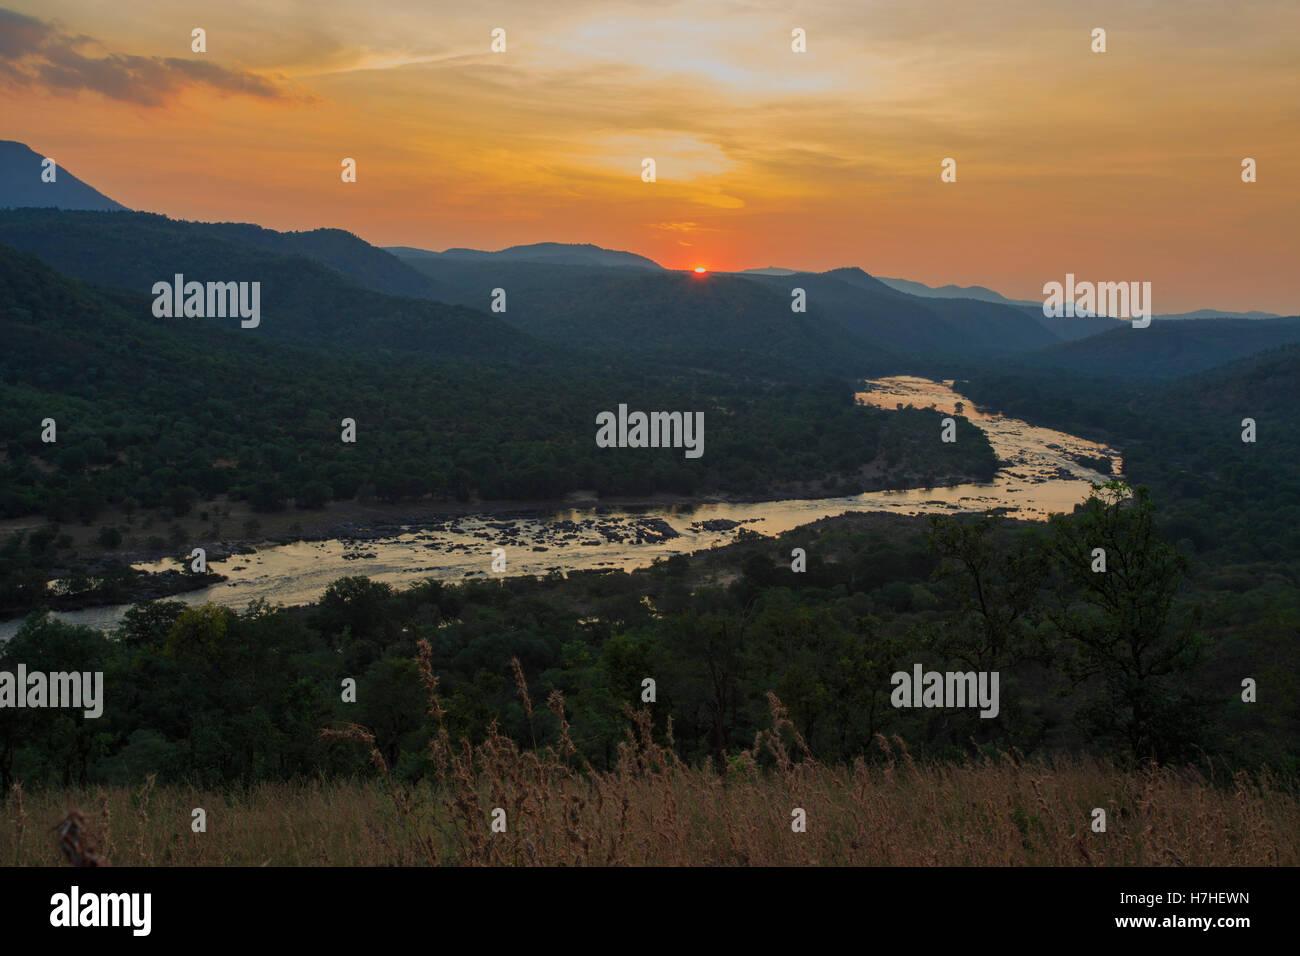 Cauvery River at Galibore (Karnataka, India) - Stock Image